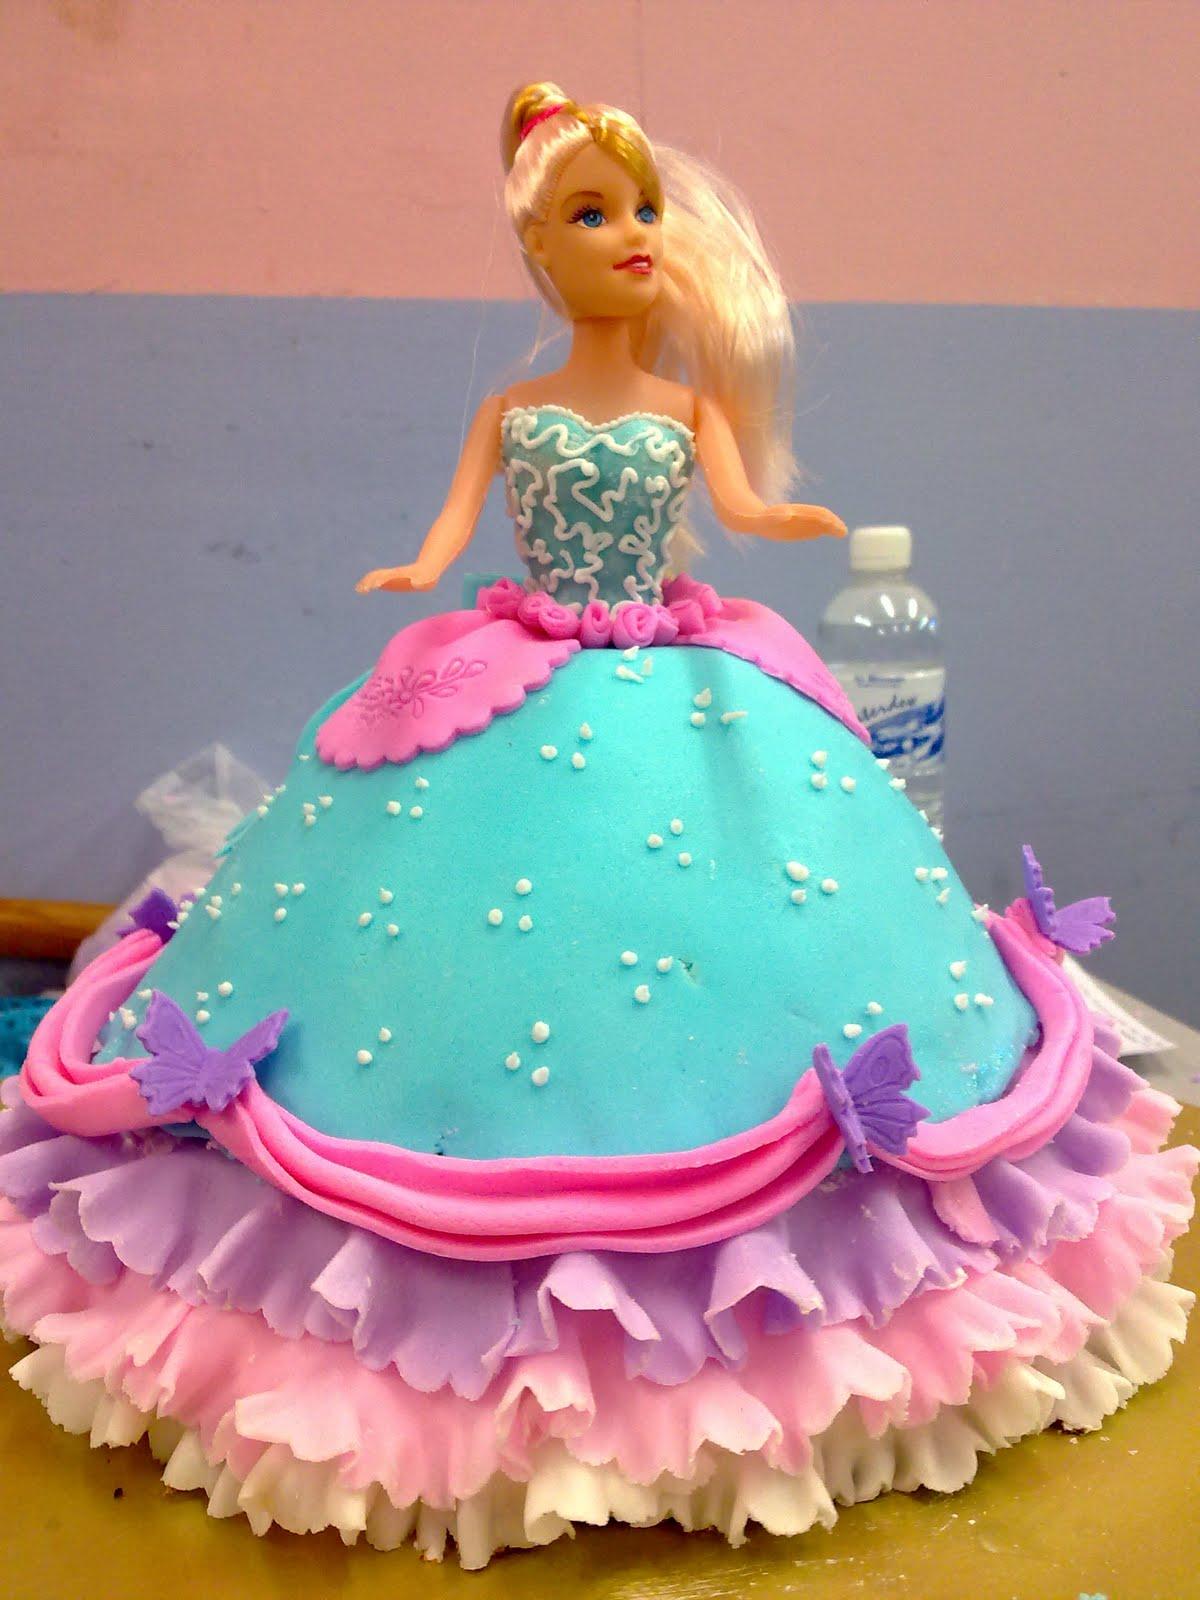 Barbie Fondant Cake Images : Kay Bakery: 2nd fondant barbie cake